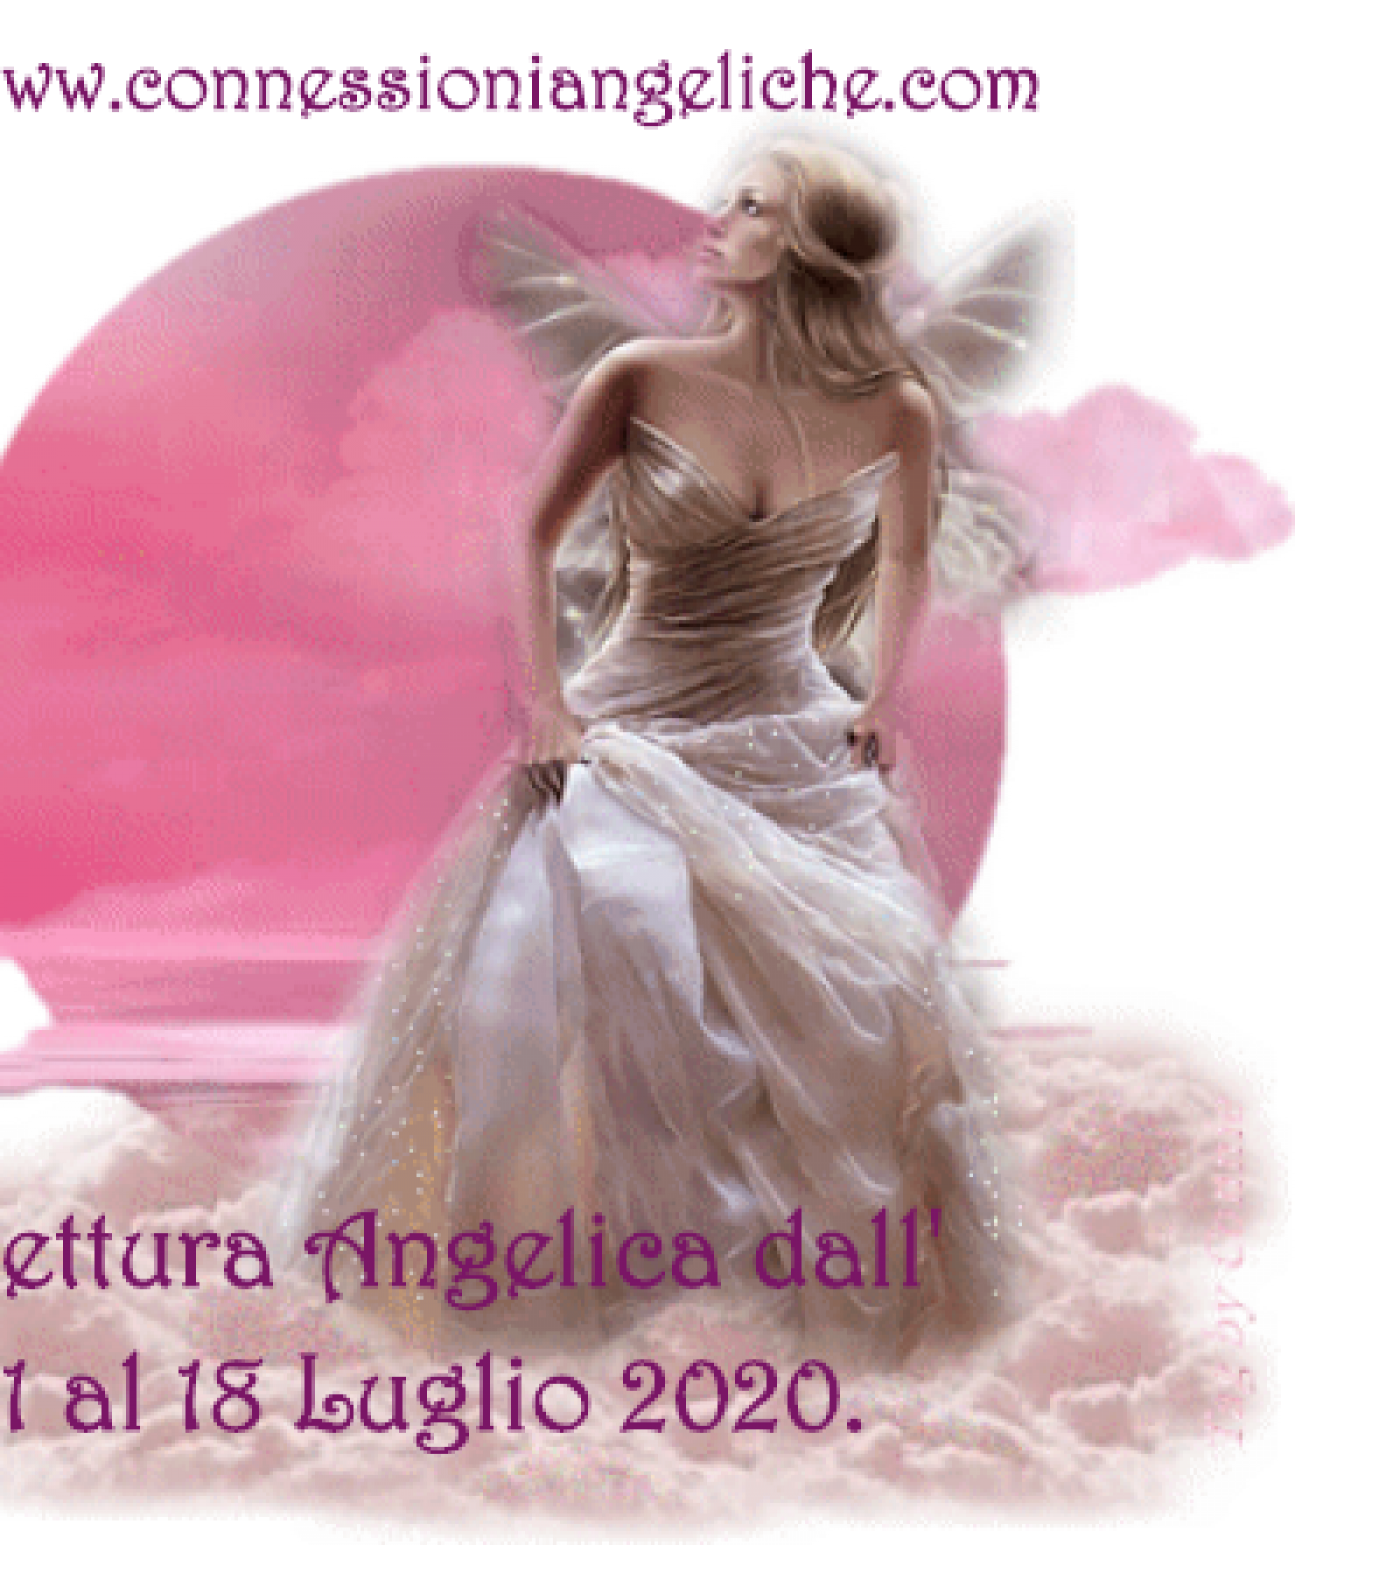 LETTURA ANGELICA SETTIMANALE CON L' ARCANGELO MICHELE DALL' 11 AL 18 LUGLIO 2020 – NUOVE OPPORTUNITA' ALLE PORTE!